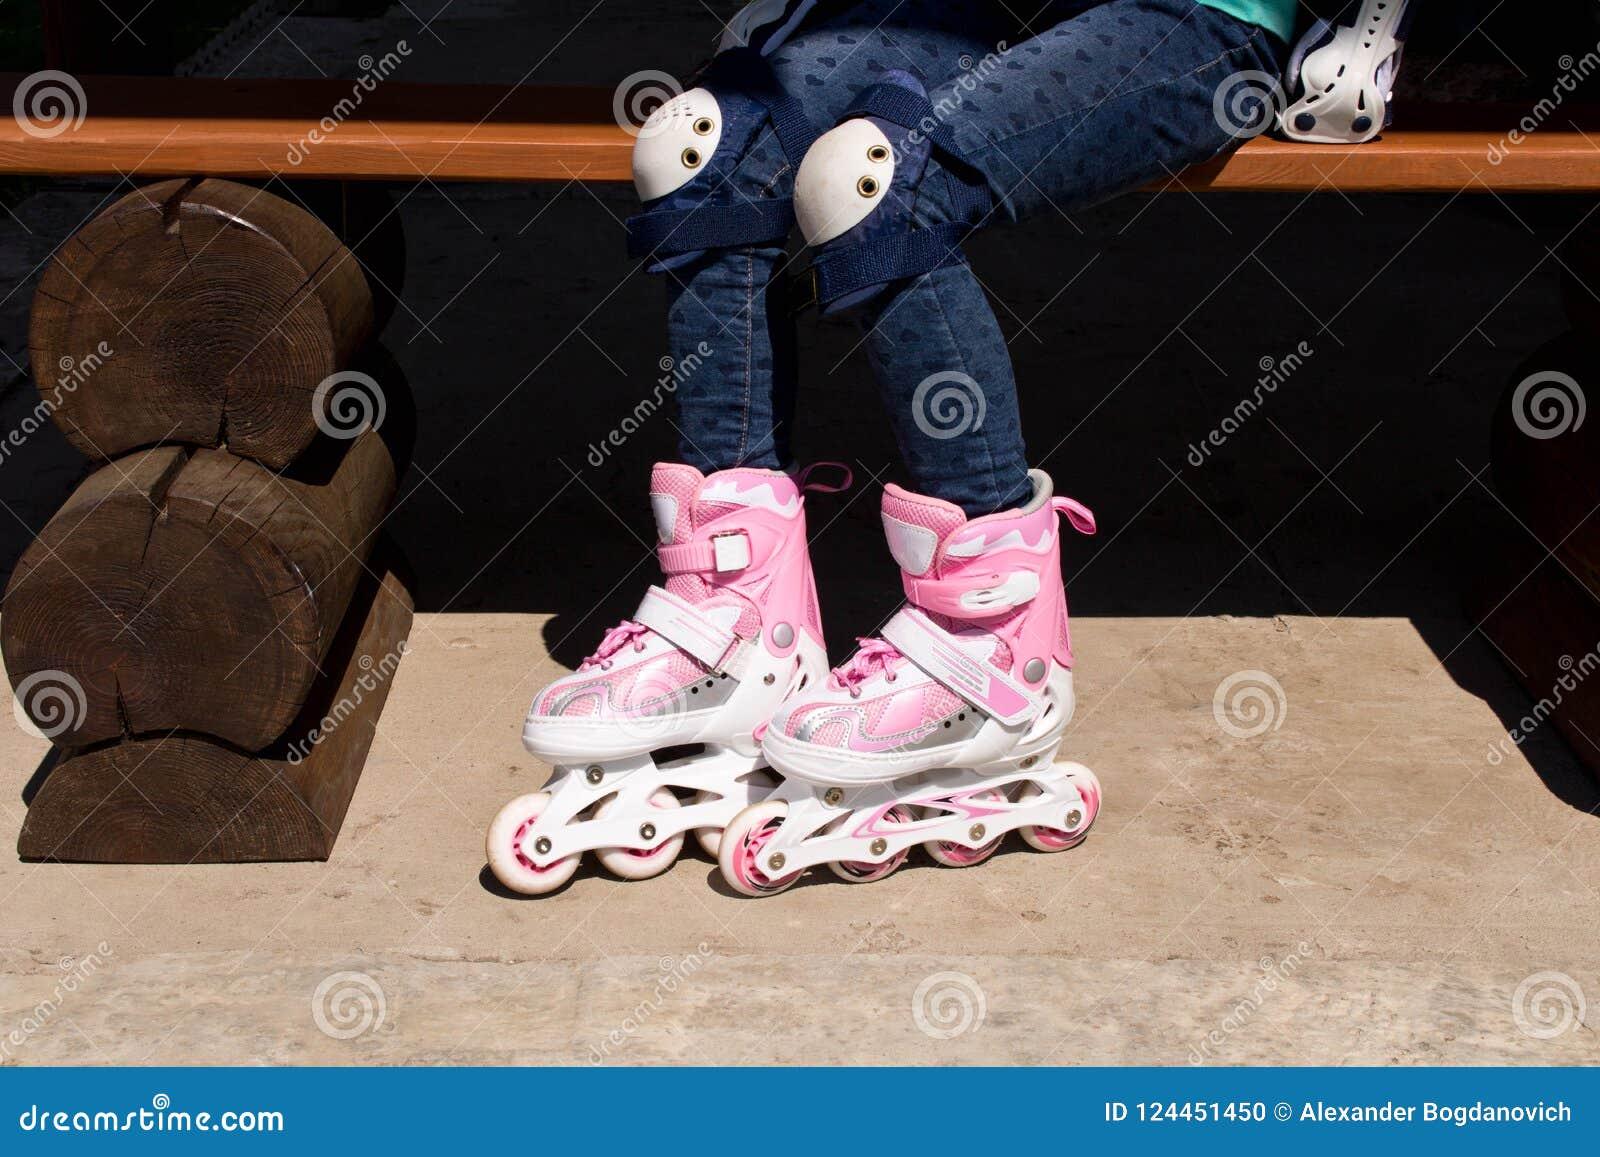 Девушка на коньках ролика Концепция здорового образа жизни